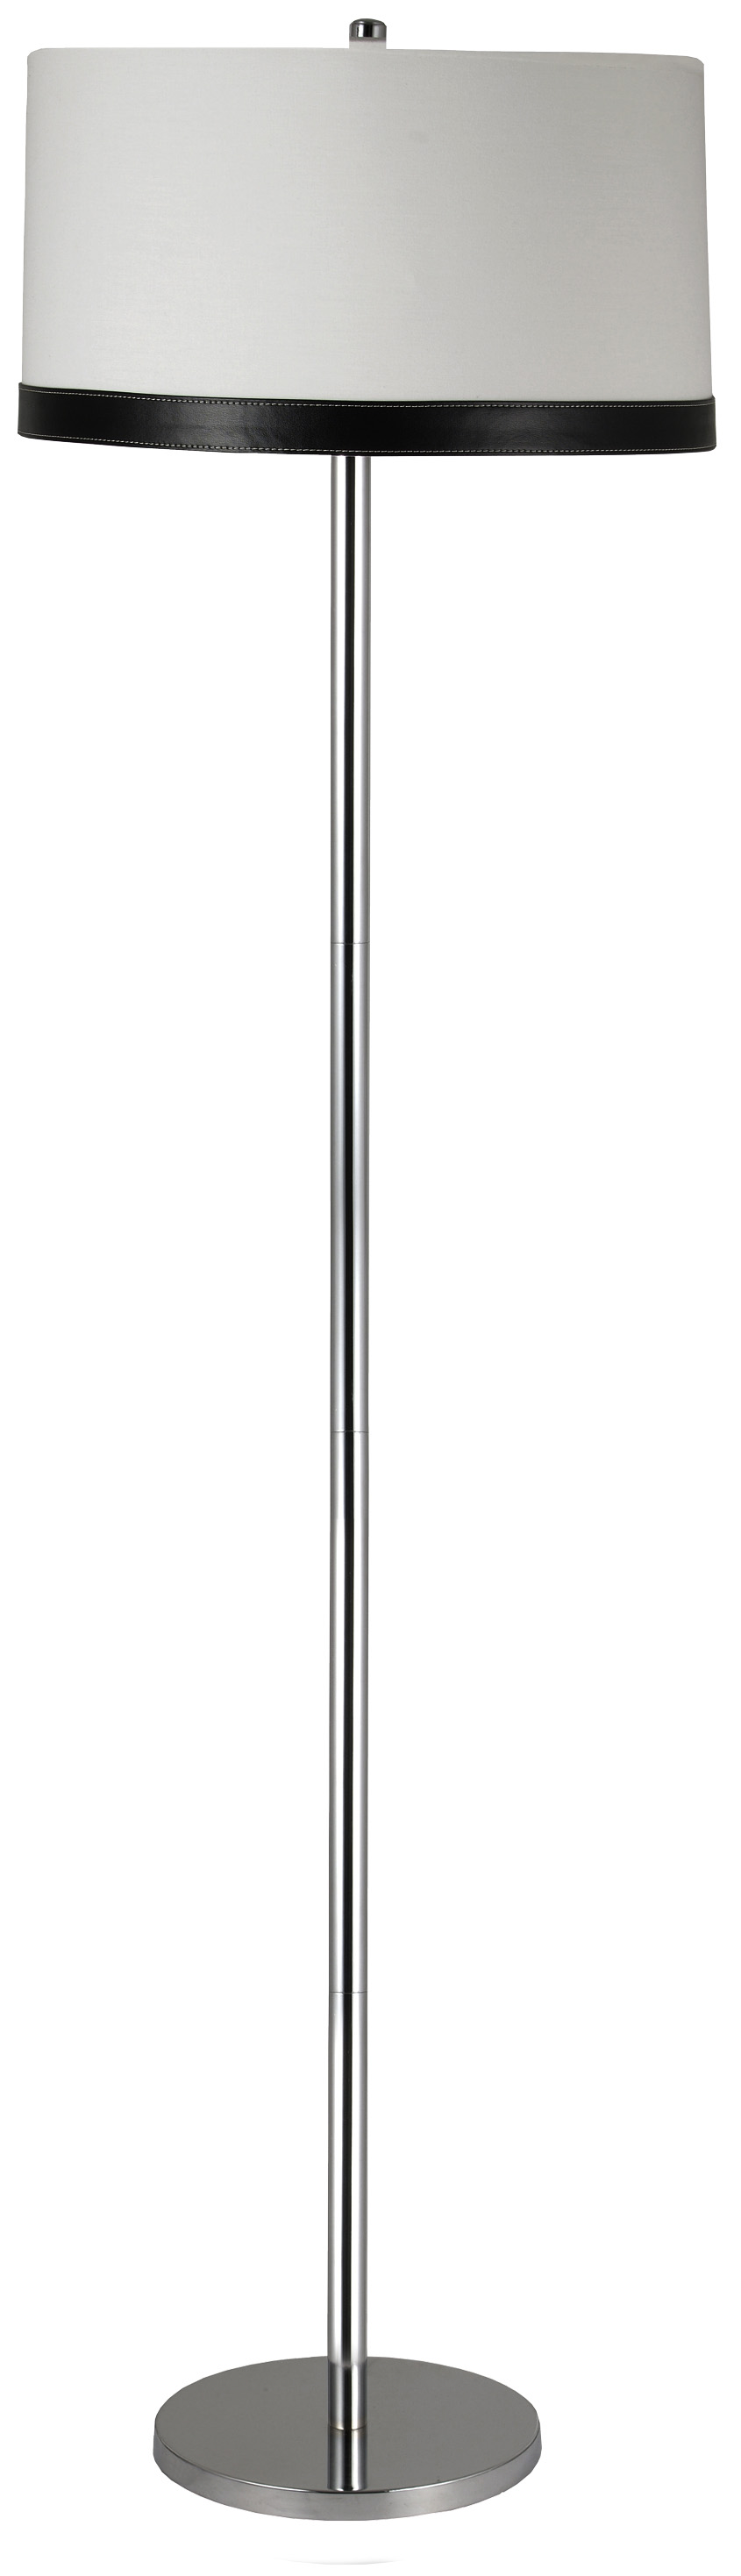 TIDA LAMPA PODŁOGOWA 1X60W E27 CHROM/ABAŻUR PŁÓTNO/SKÓRA - 51-31320